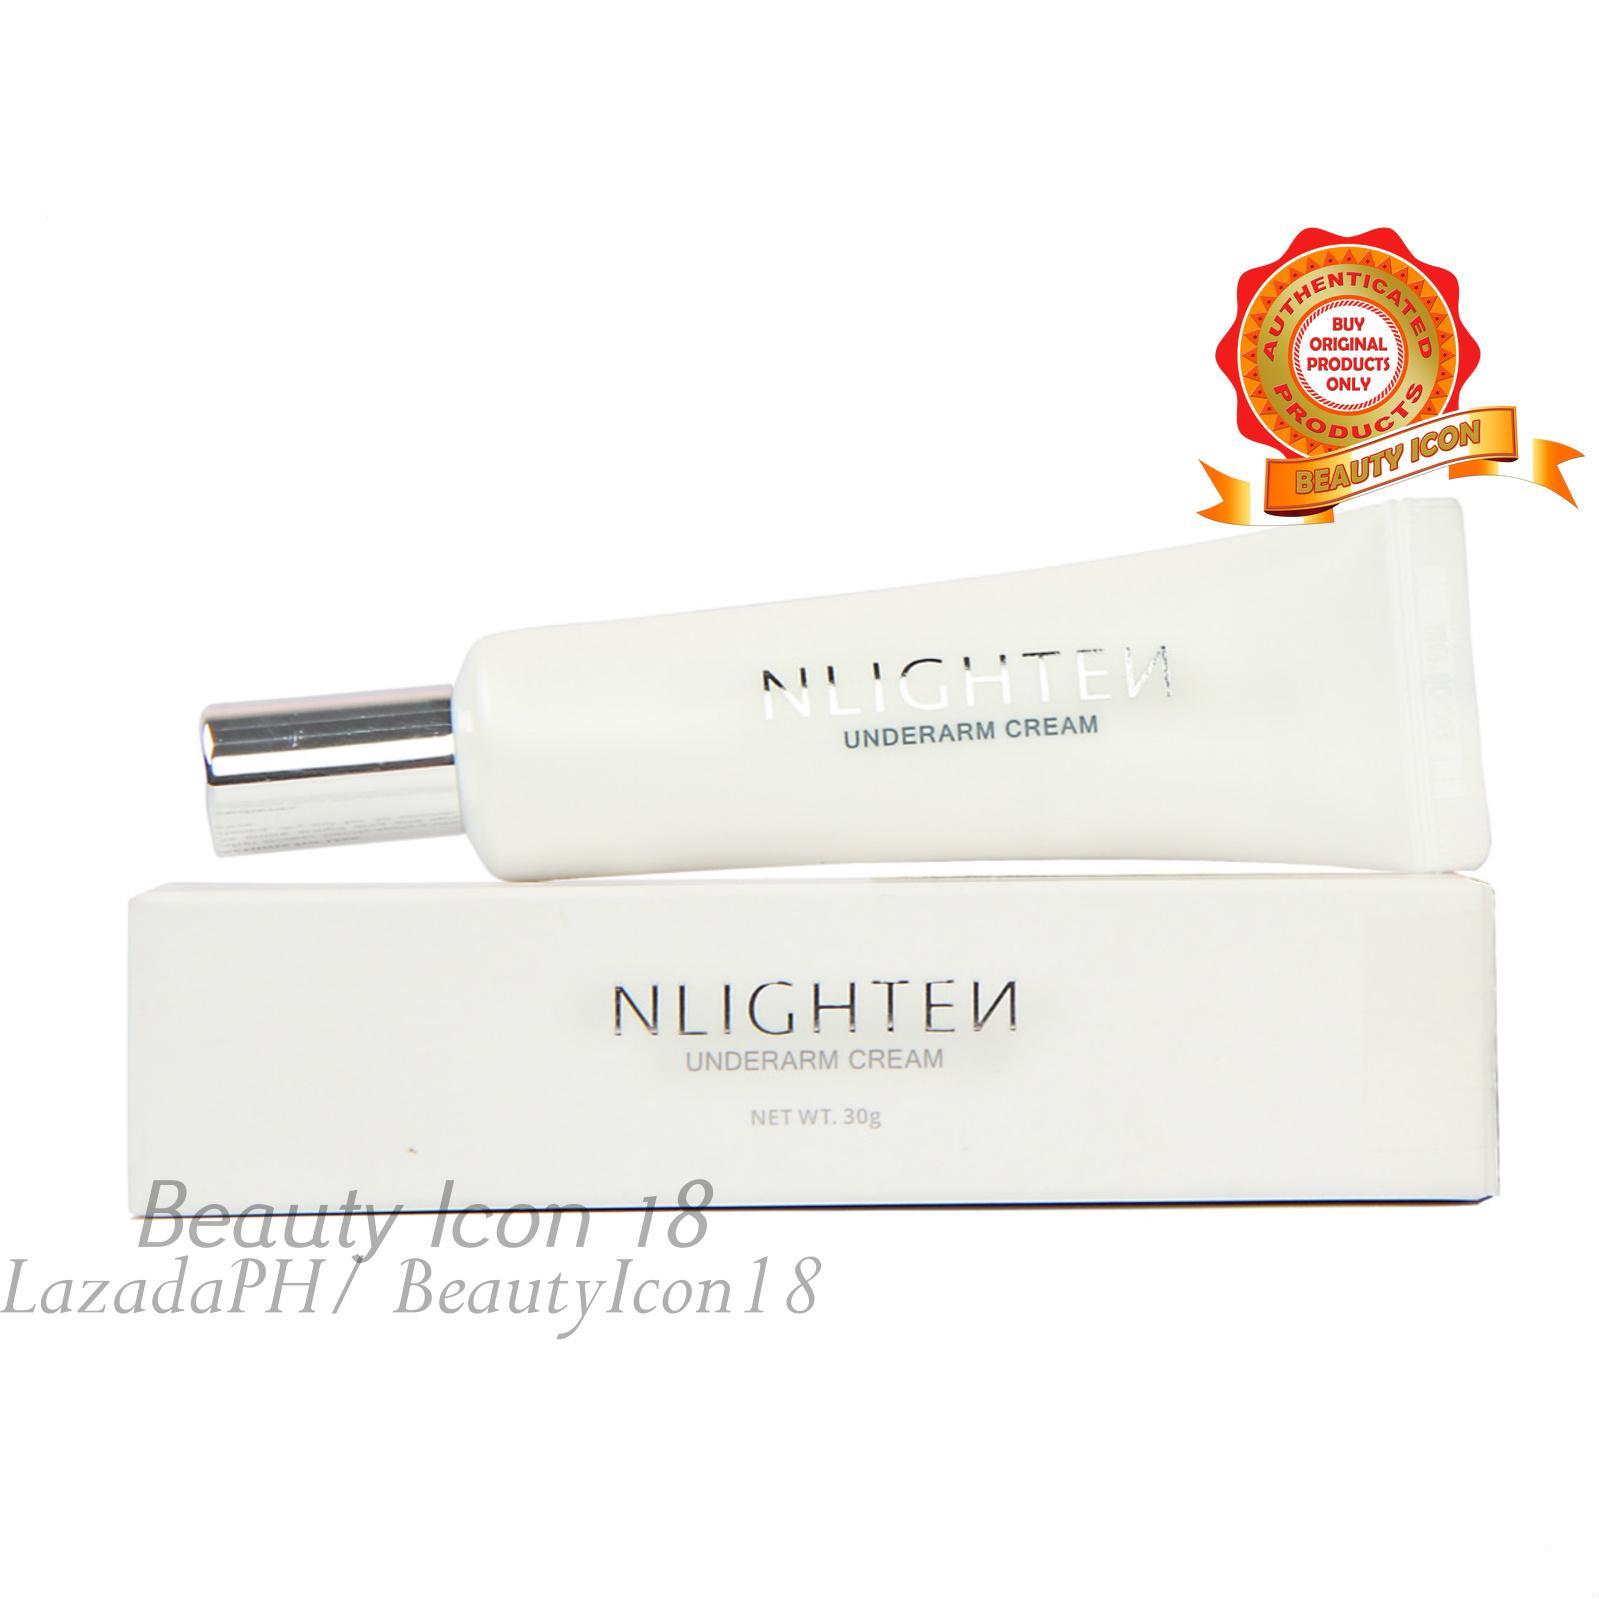 NLighten Underarm Isntant Brightening Cream 30g